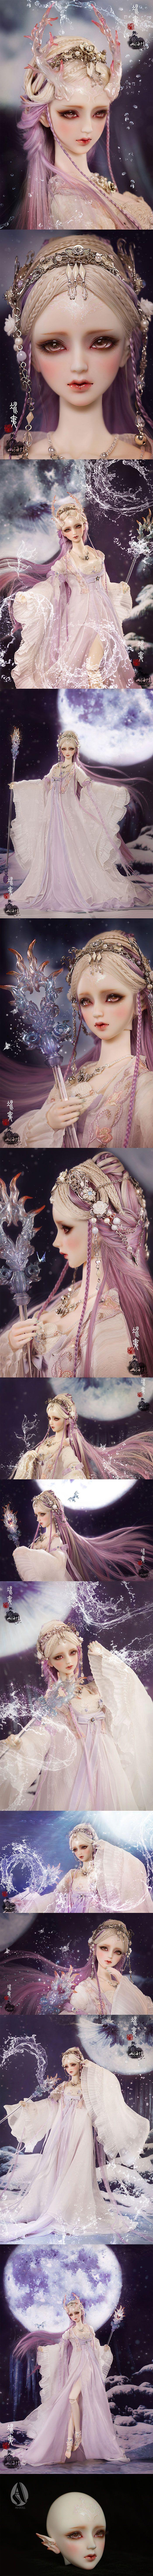 (AS Agency)BJD In Stock Doll BingYi Girl 62cm Ball-Jointed Doll_Doll_STOCK_Ball Jointed Dolls (BJD) company-Legenddoll